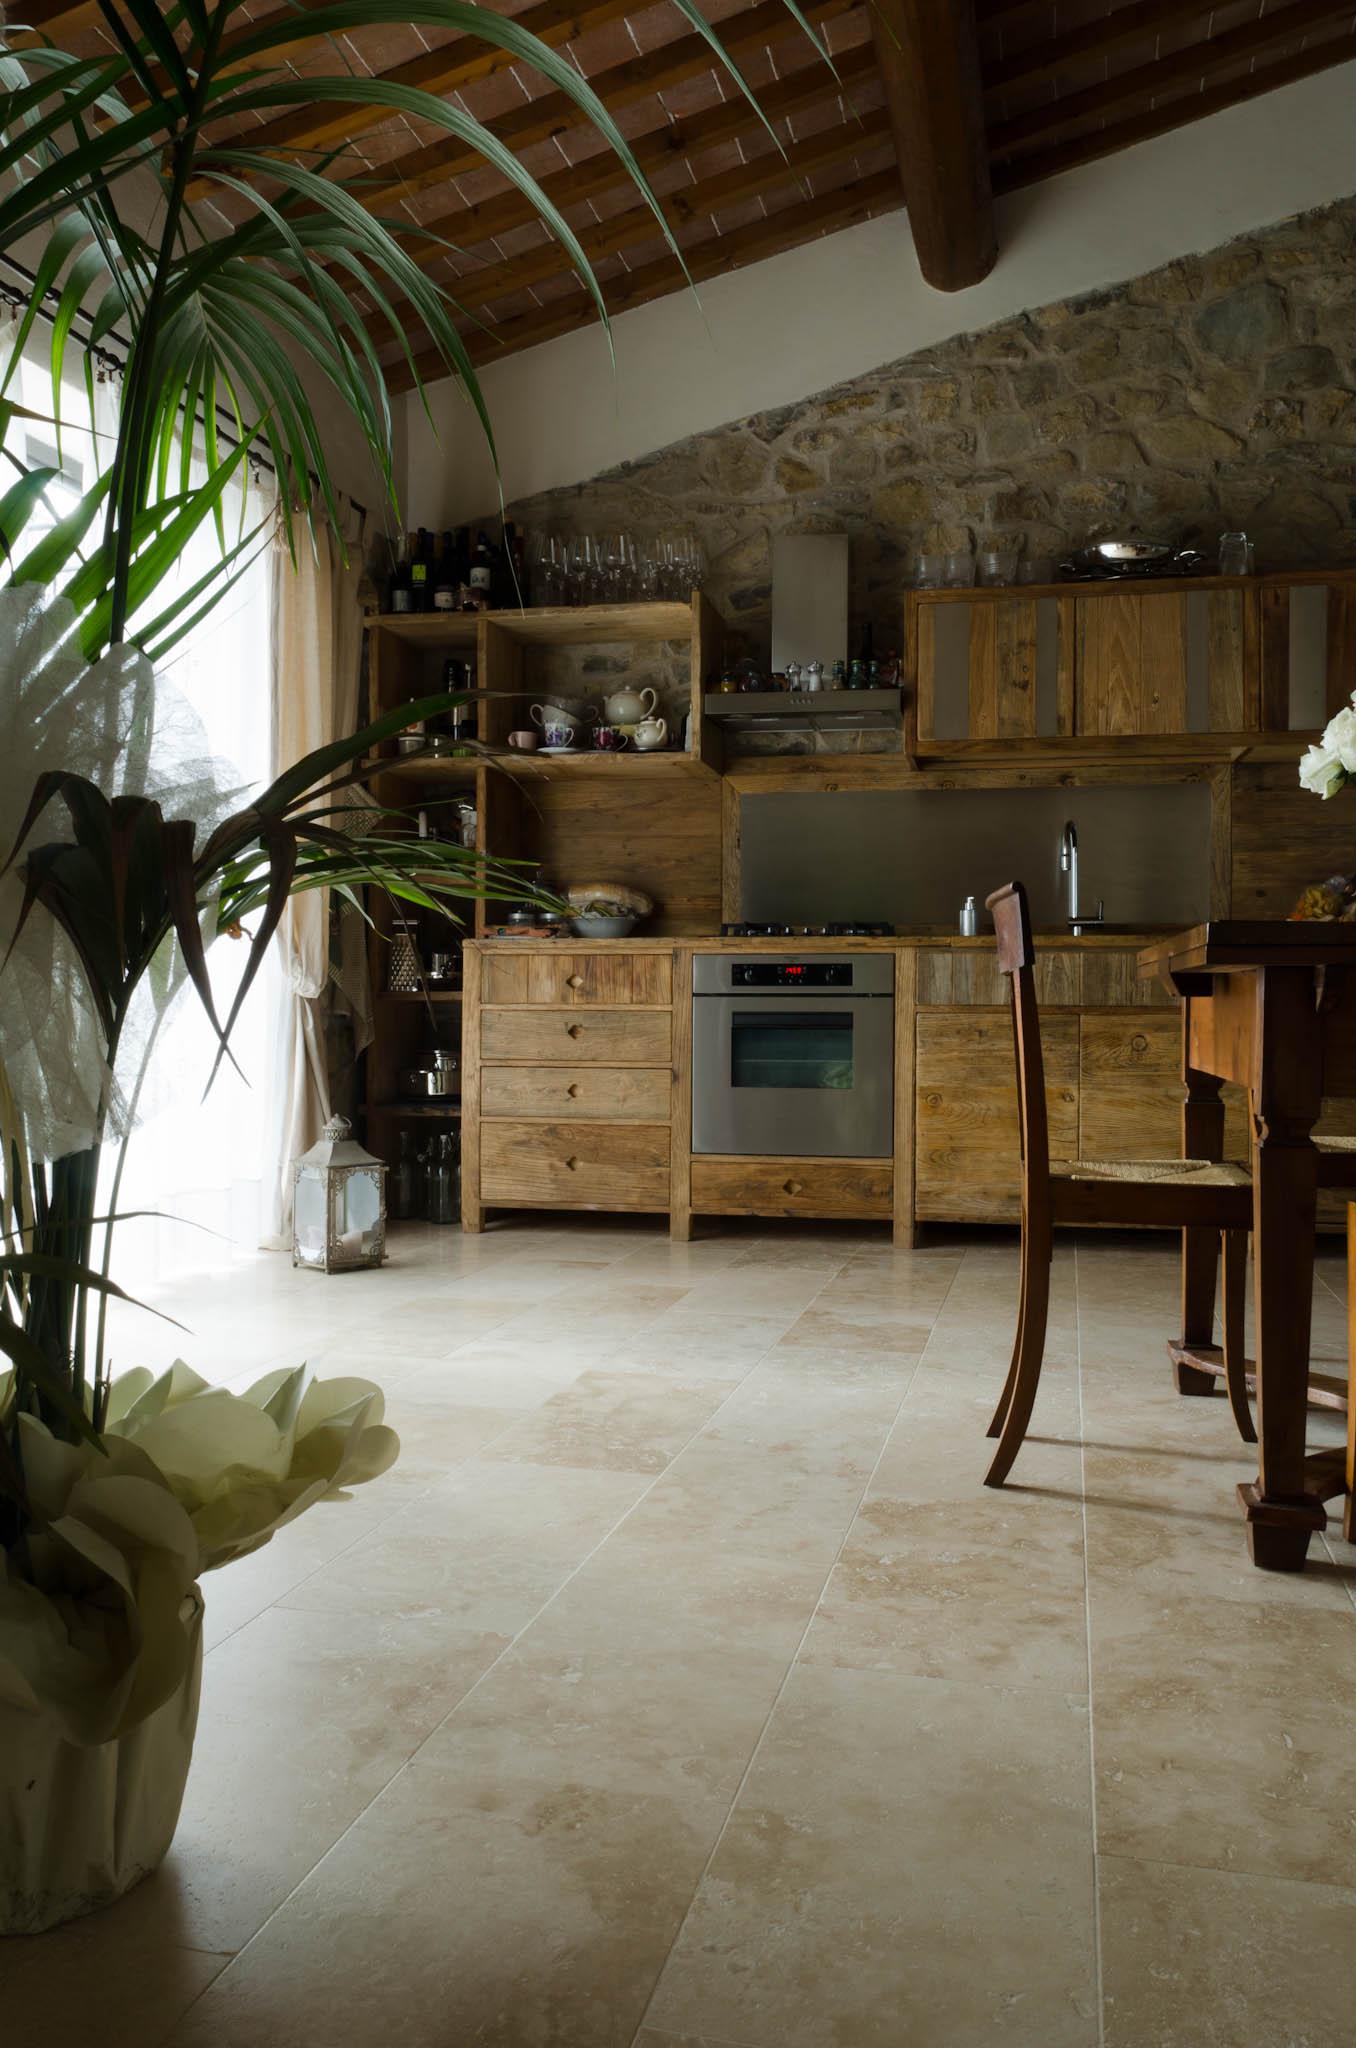 Casa impruneta colonica pavimenti travertino pietre di rapolano